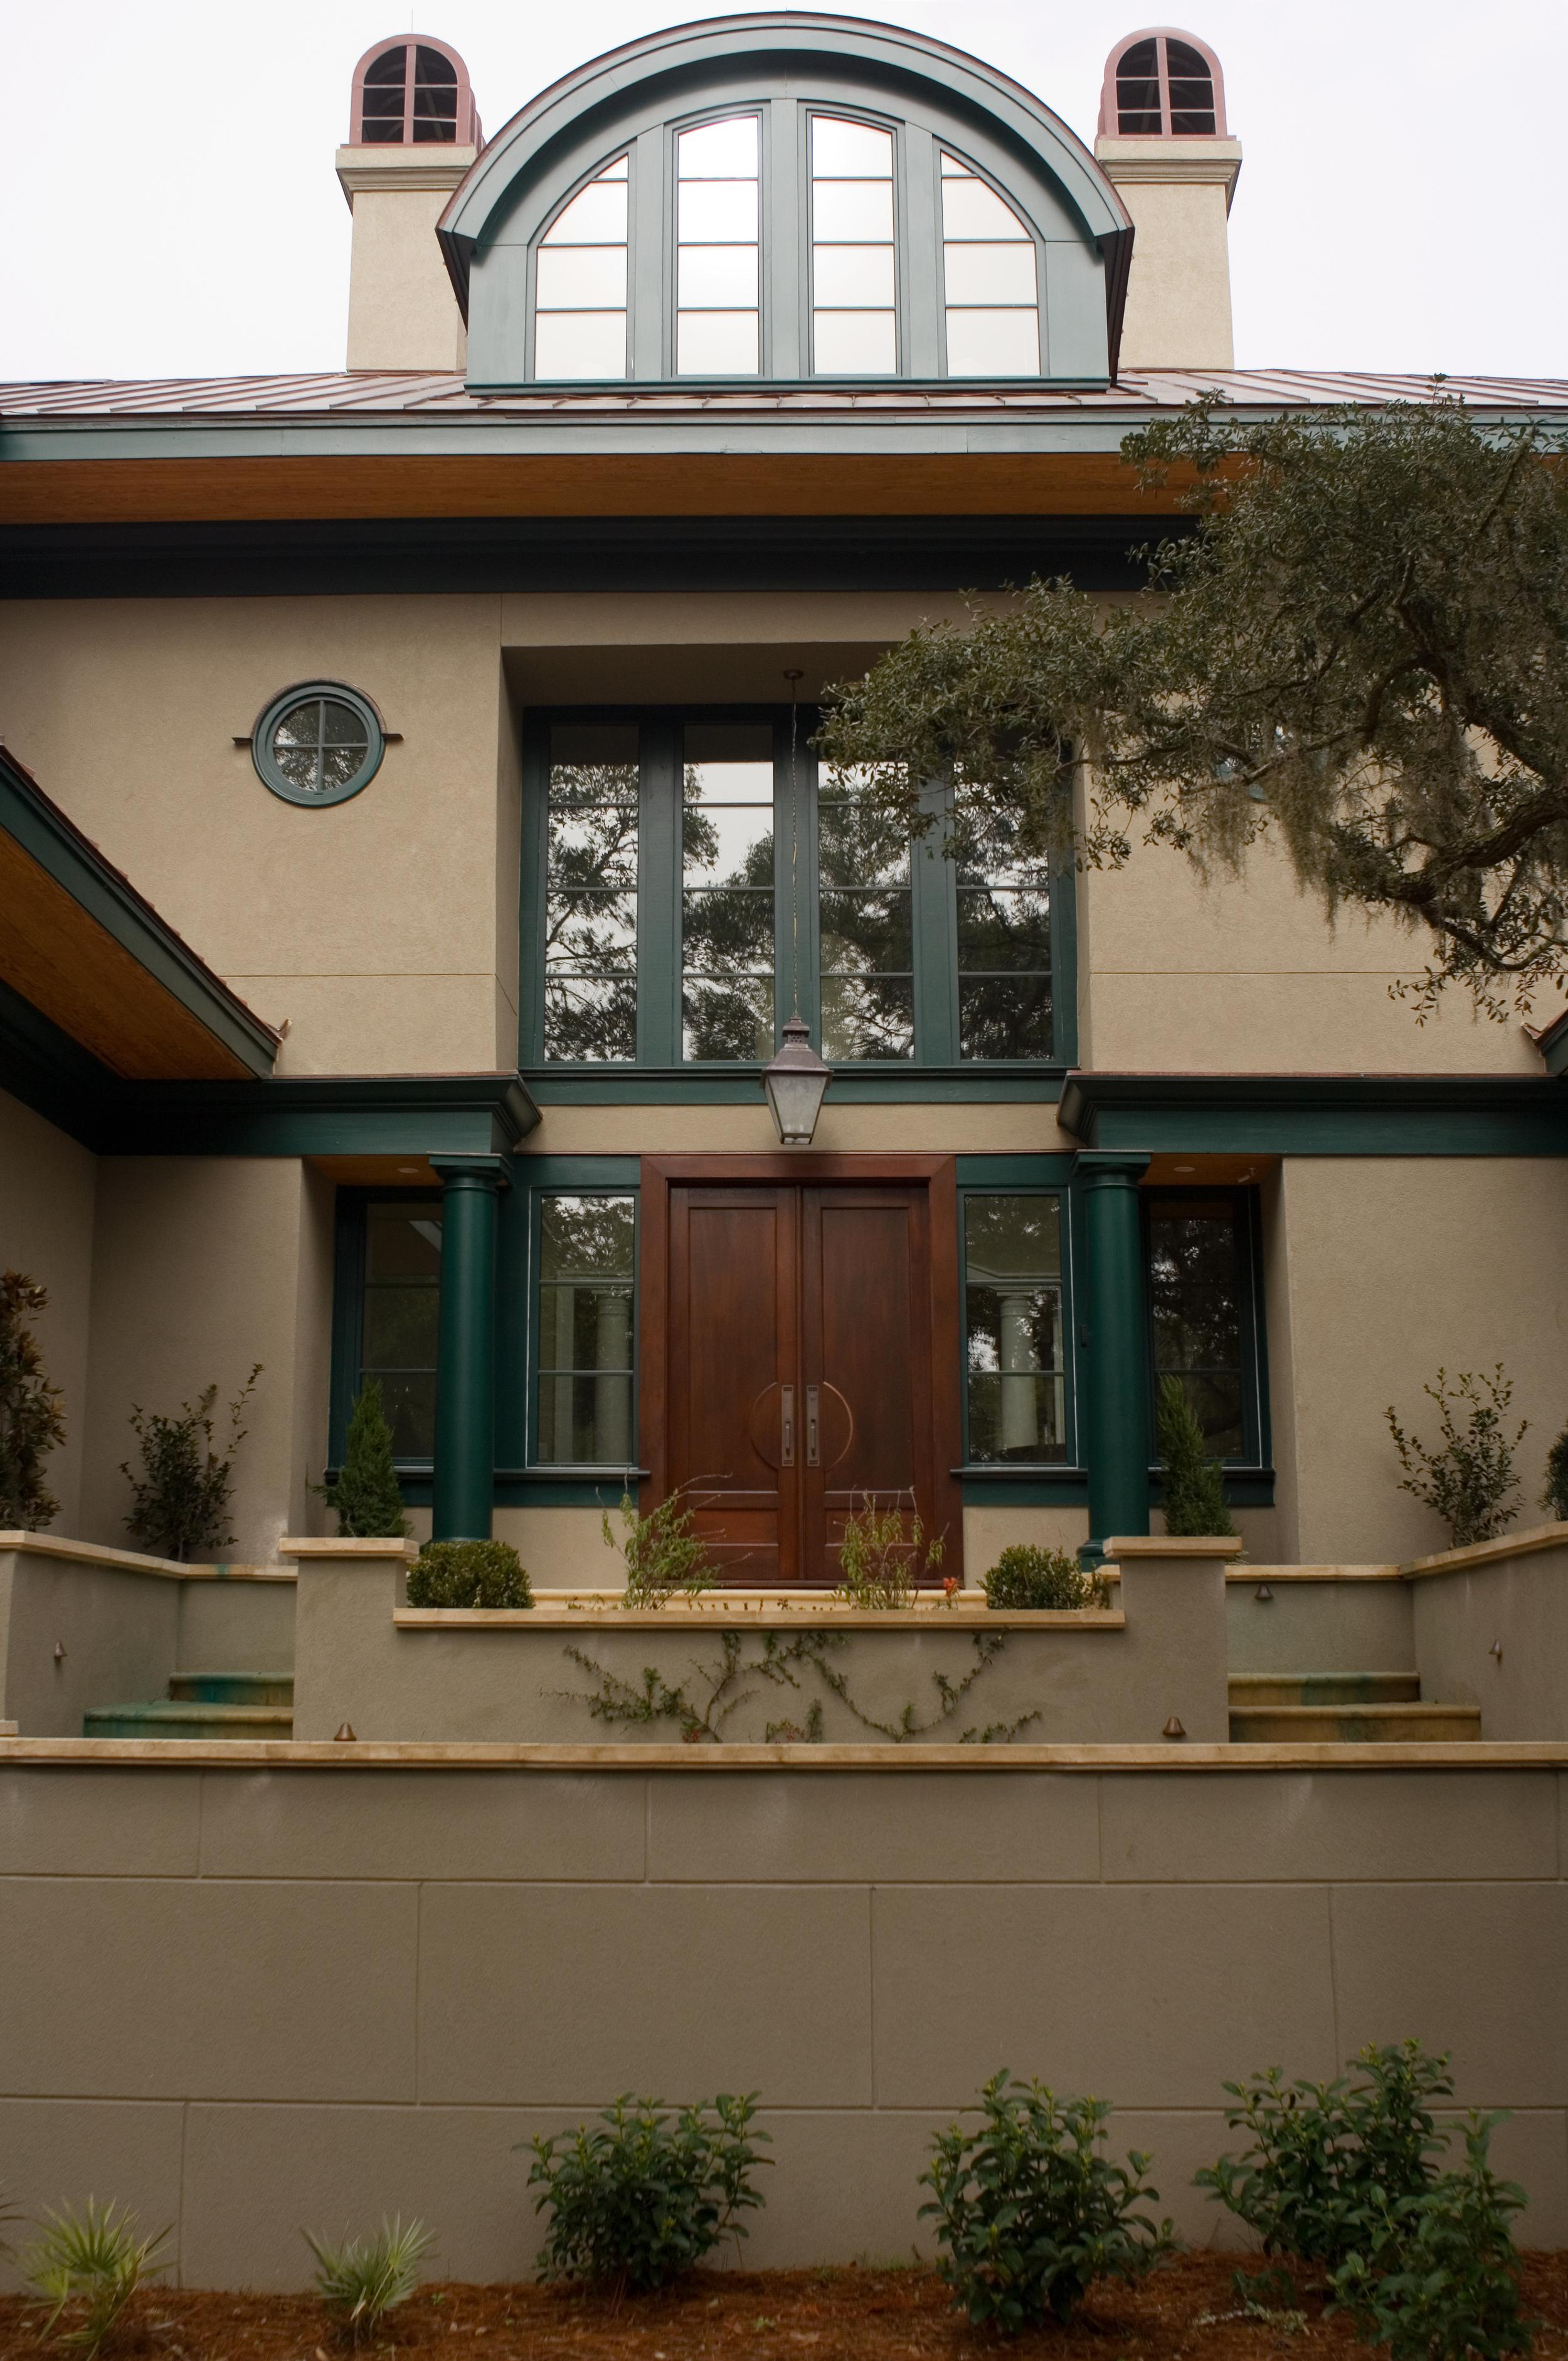 Red Meranti Wood Front Entrance Door